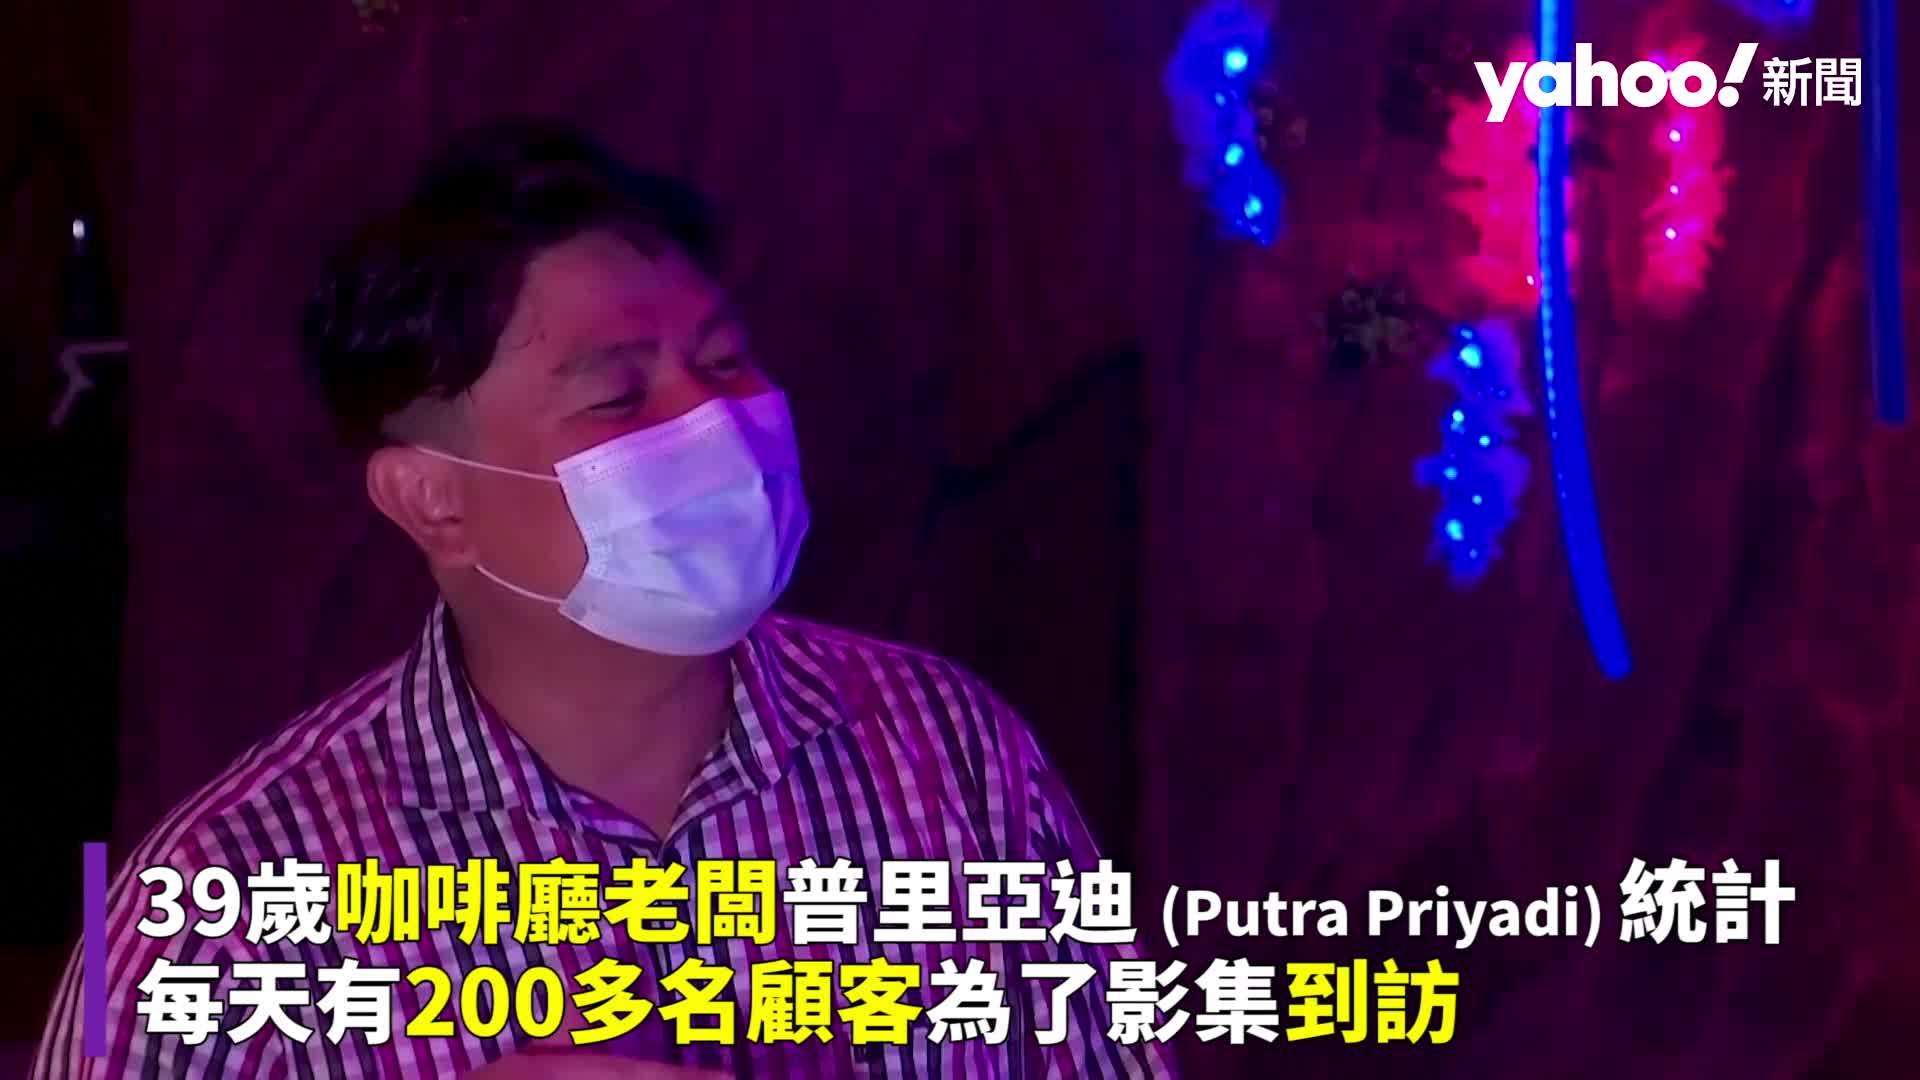 魷魚遊戲場景神還原日吸200粉絲 印尼咖啡廳疫情慘賠後翻身